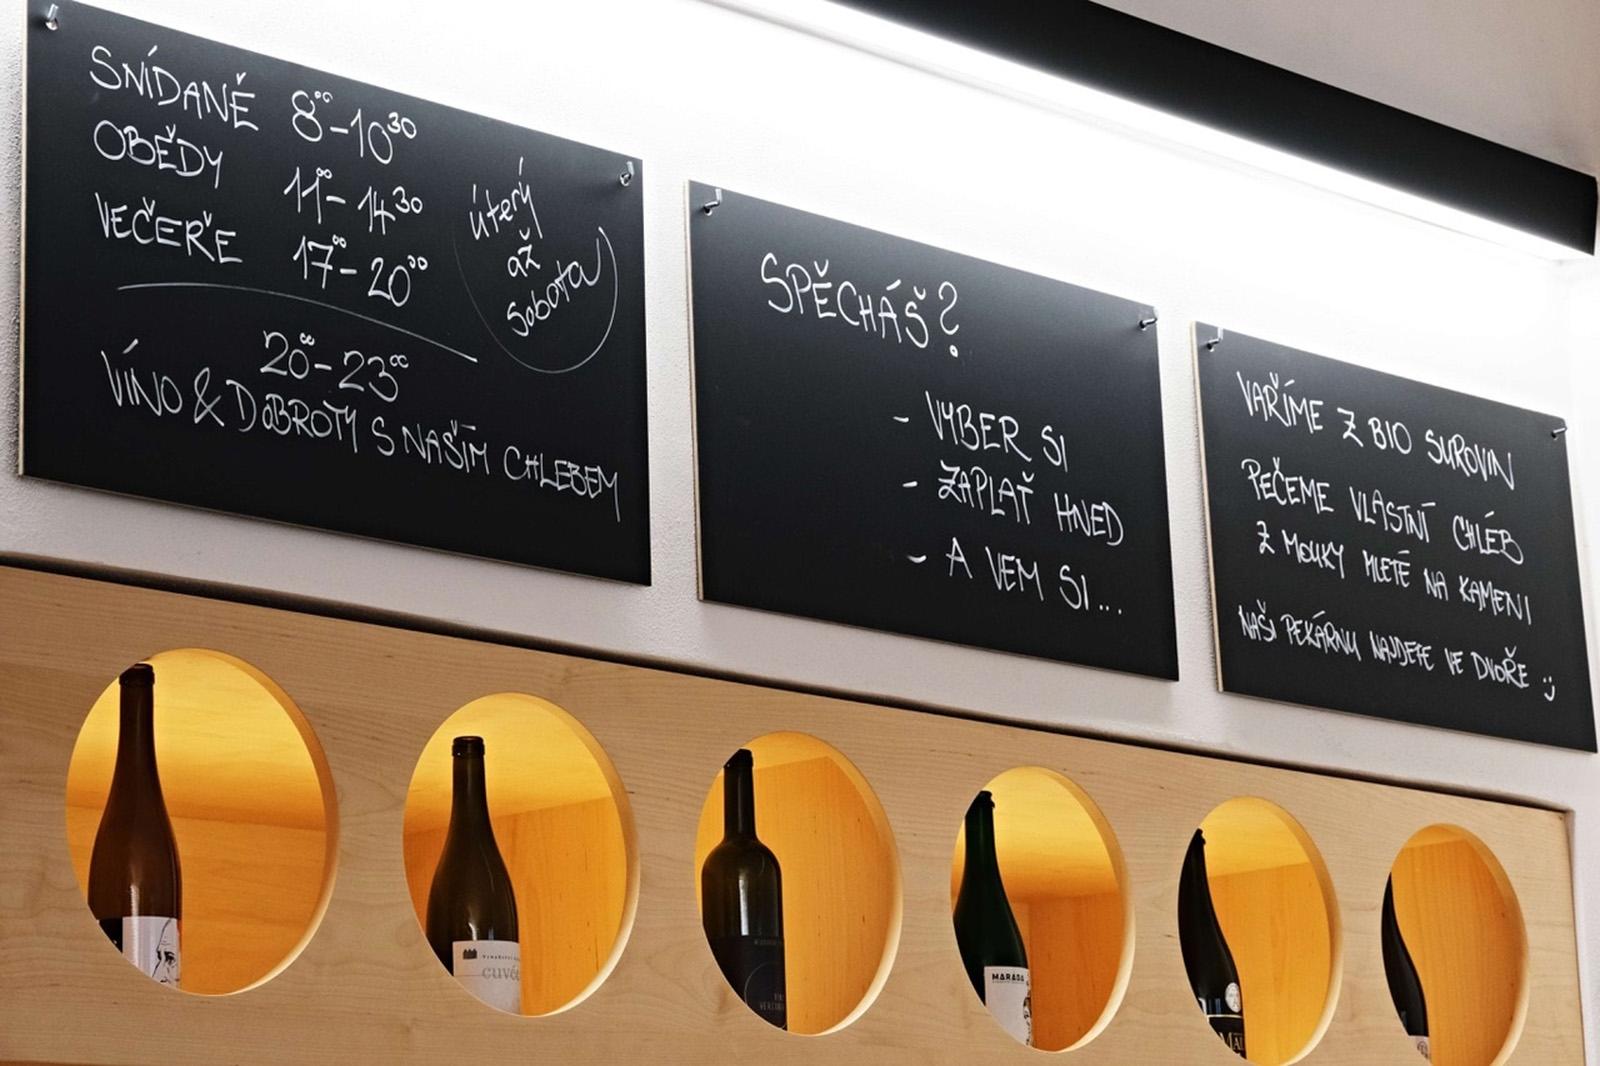 Moravská vína v bistru patří, a degustace jsou zážitkem